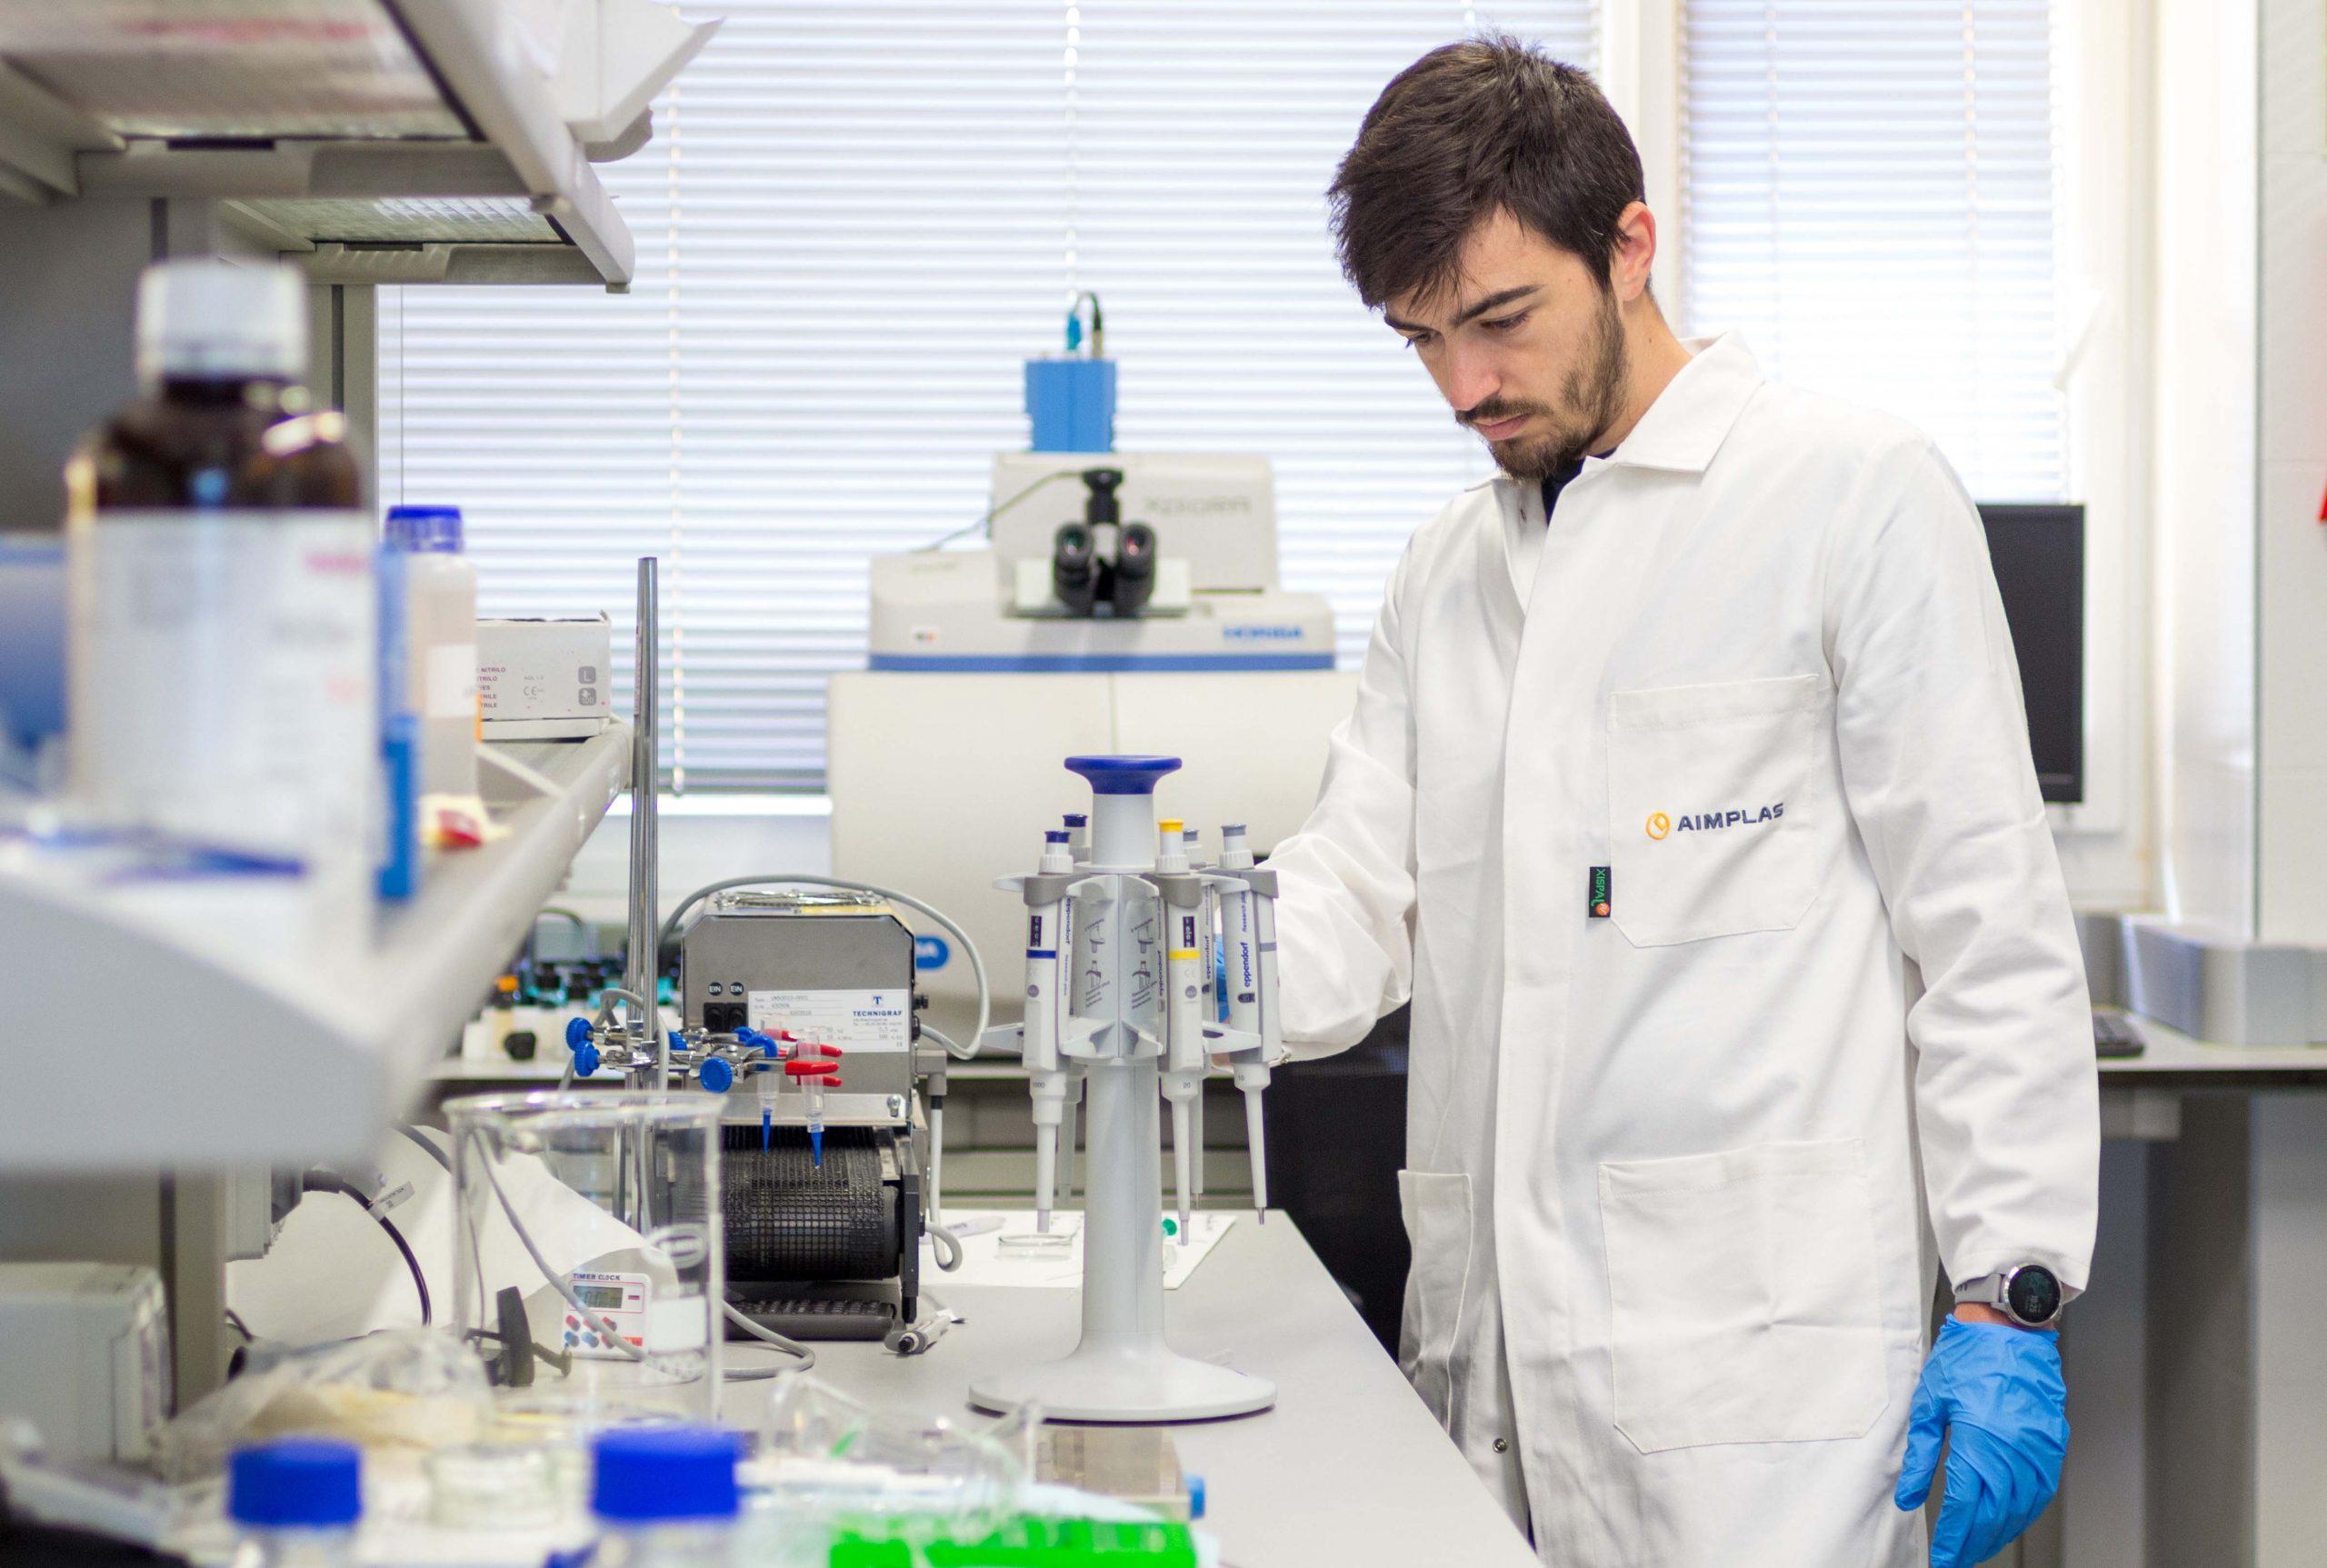 Aimplas acelera la degradación del plástico y lo convierte en biopolímeros en BioICEP